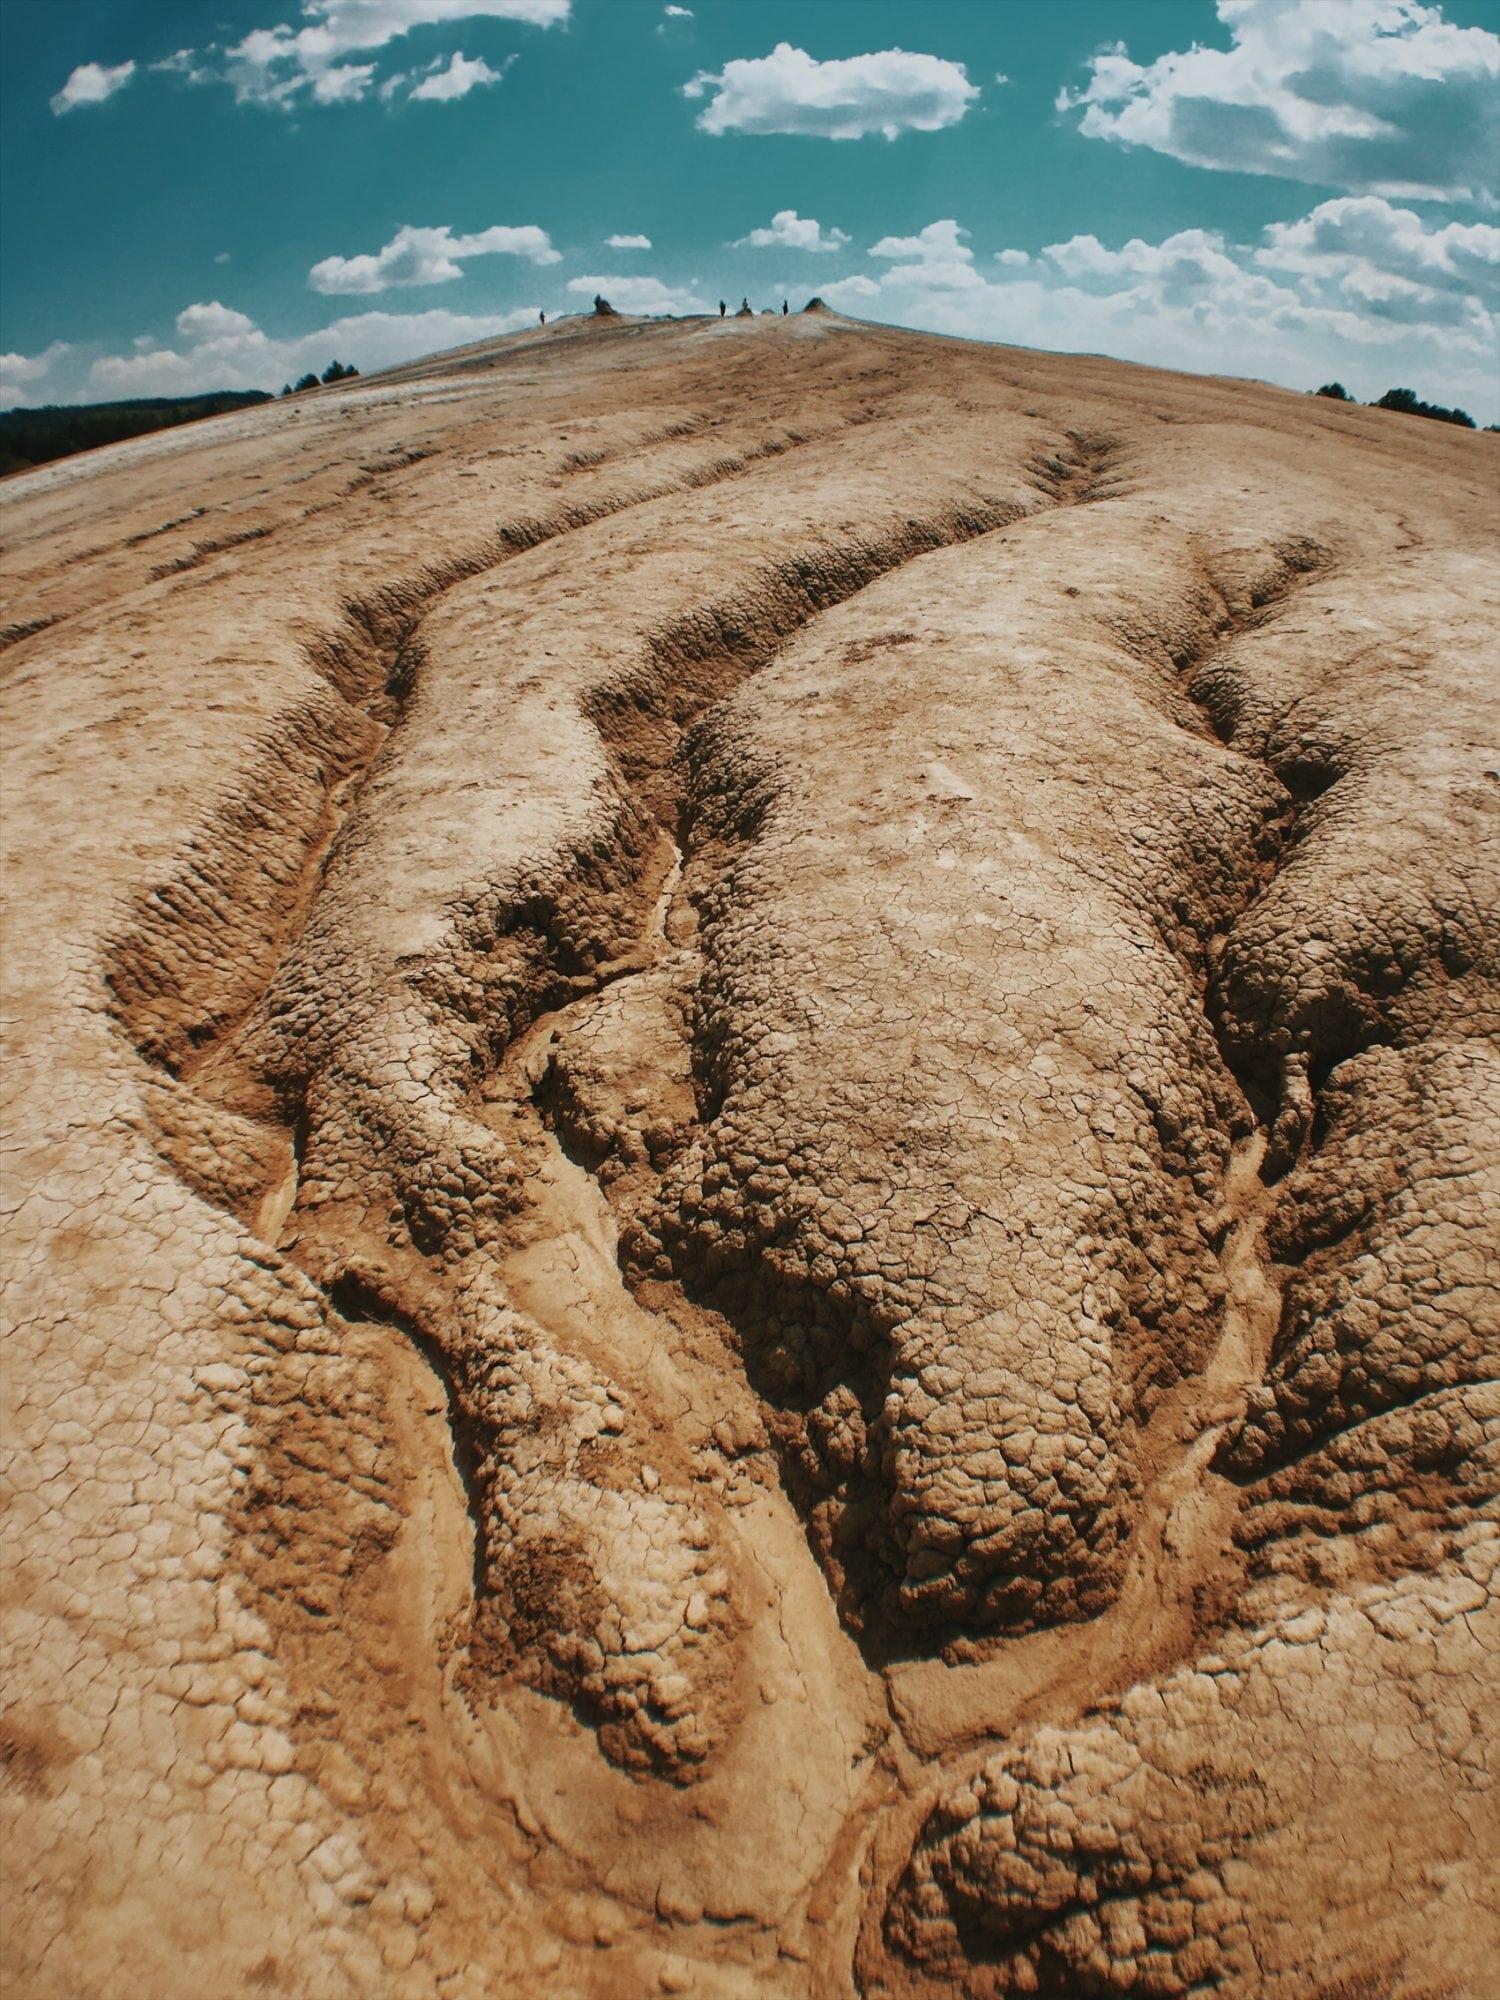 formacje błotne, kratery, ziemia, niezwykłe kształty kraterów,buzau wulkany błotne rumunia neverendingtravel.pl